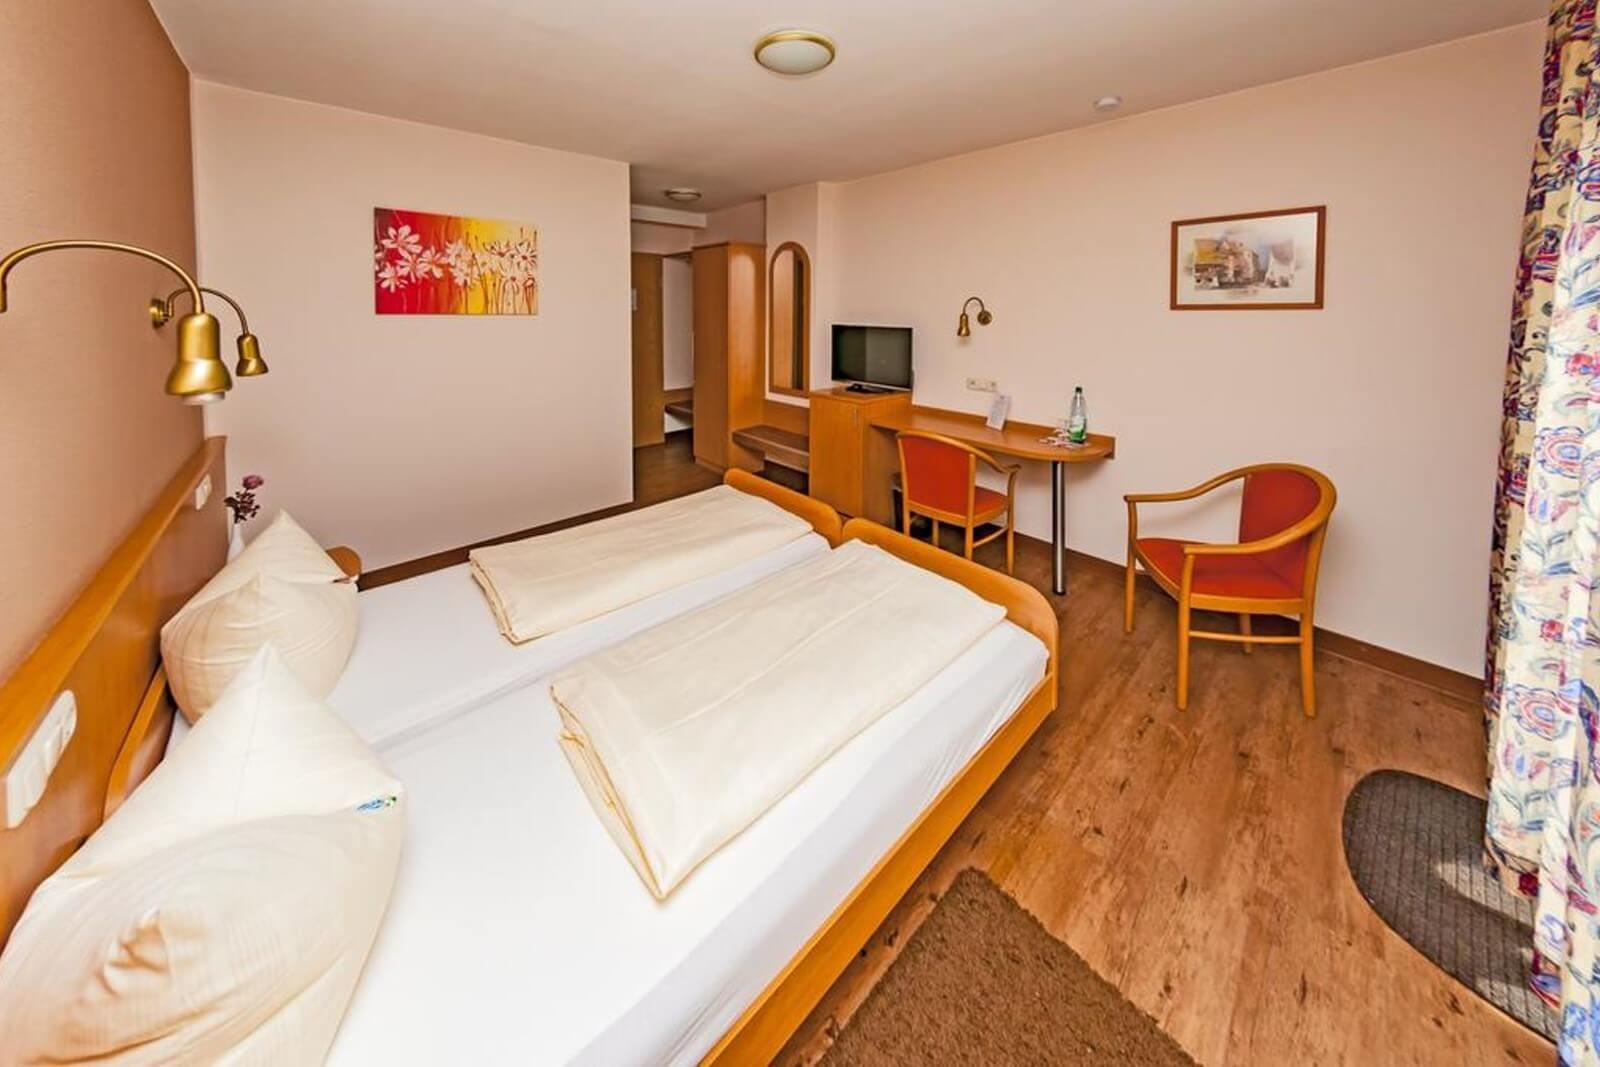 doppelzimmer-komfort-hotel-pension-bett-fruehstueck-riedstadt2